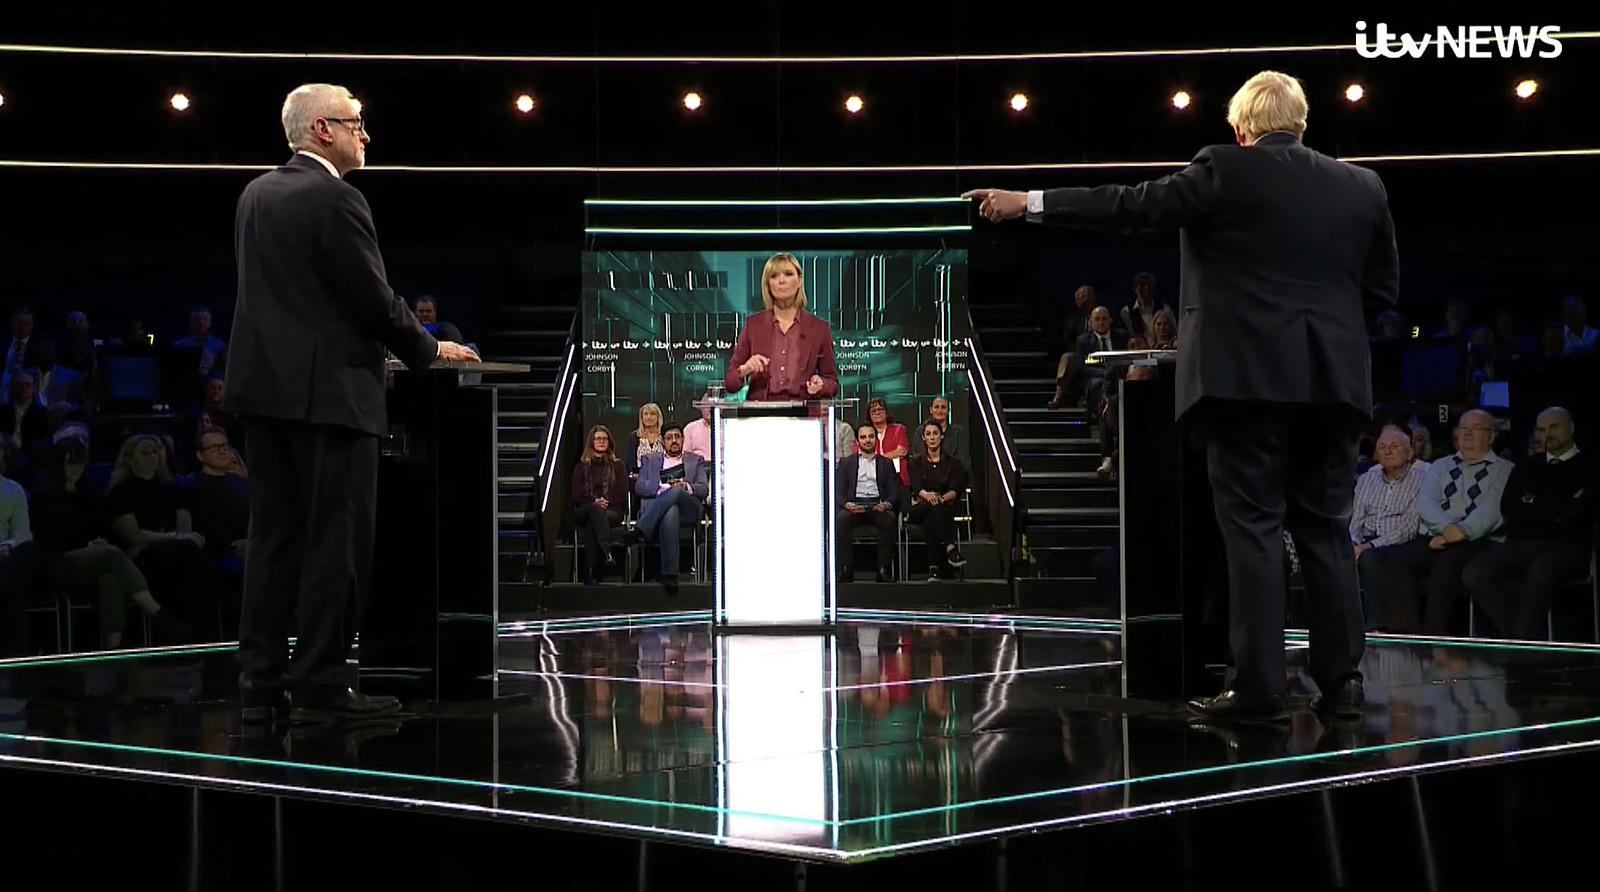 NCS_ITV_Leaders-Debate_2019_002